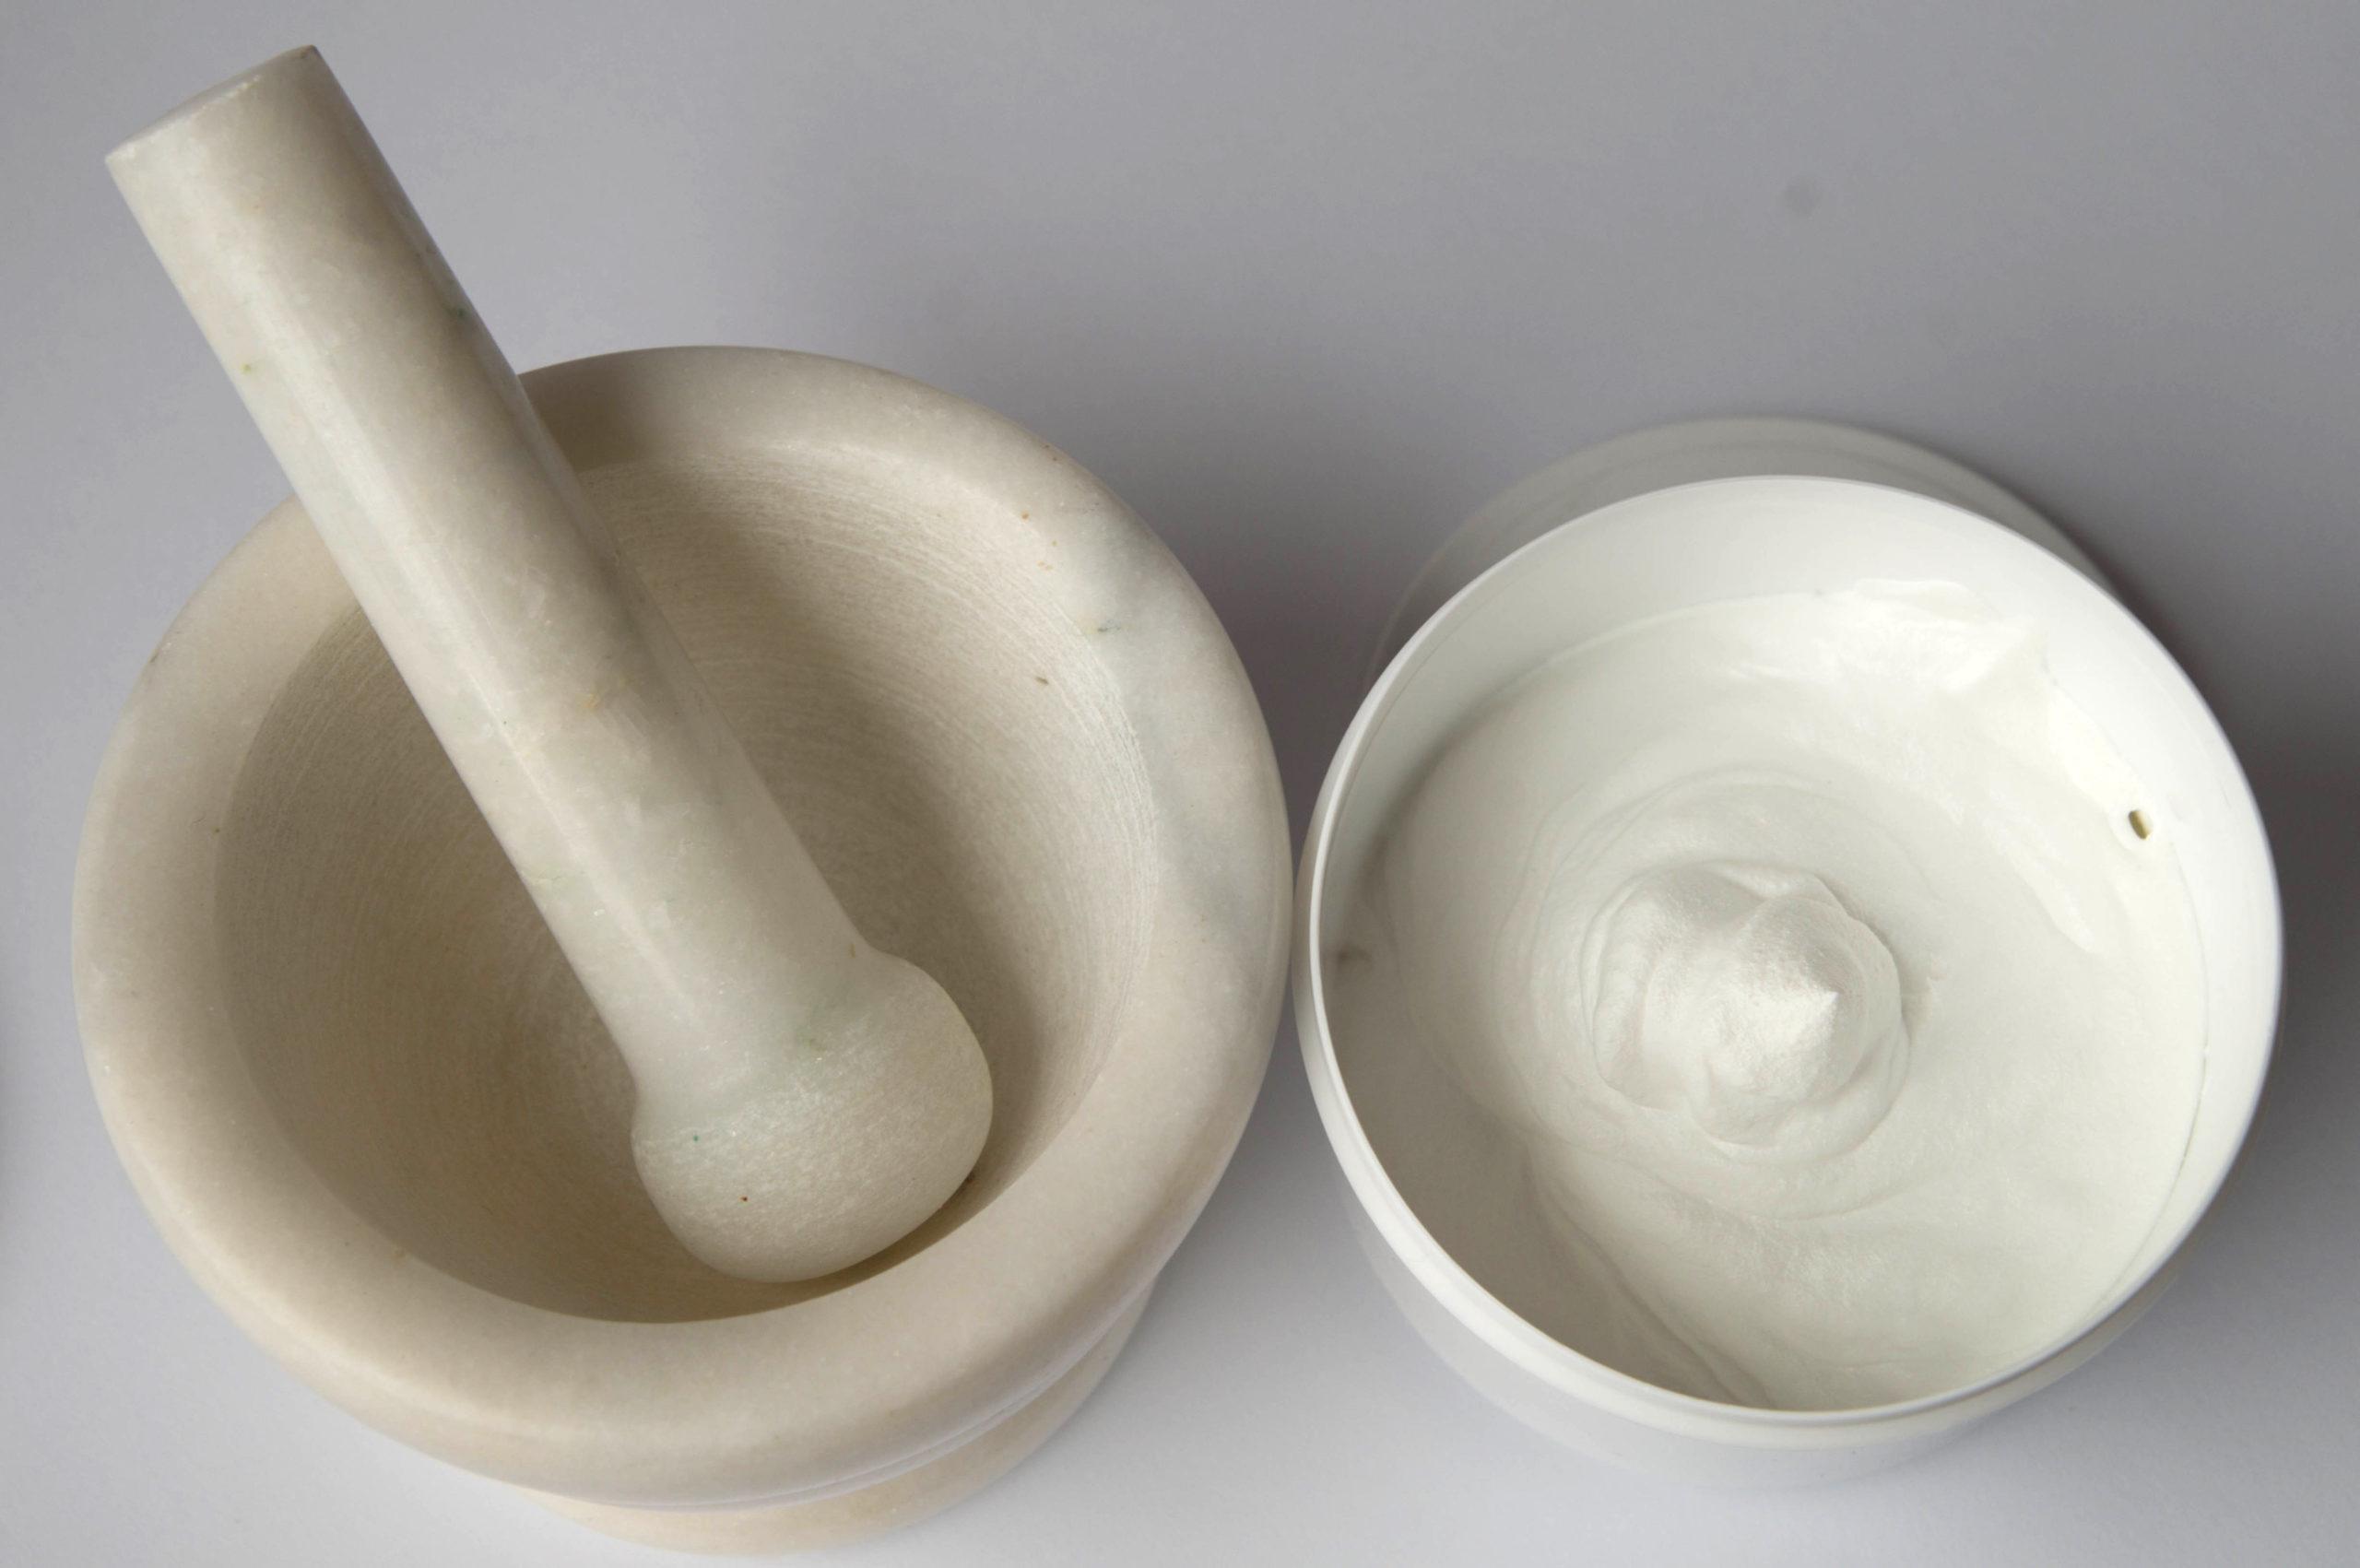 Przygotowane w aptece receptury zazwyczaj pozbawione są substancji dodatkowych i konserwujących, dlatego mogą być stosowane nawet przez pacjentów z alergiami (fot. Receptura.pl).